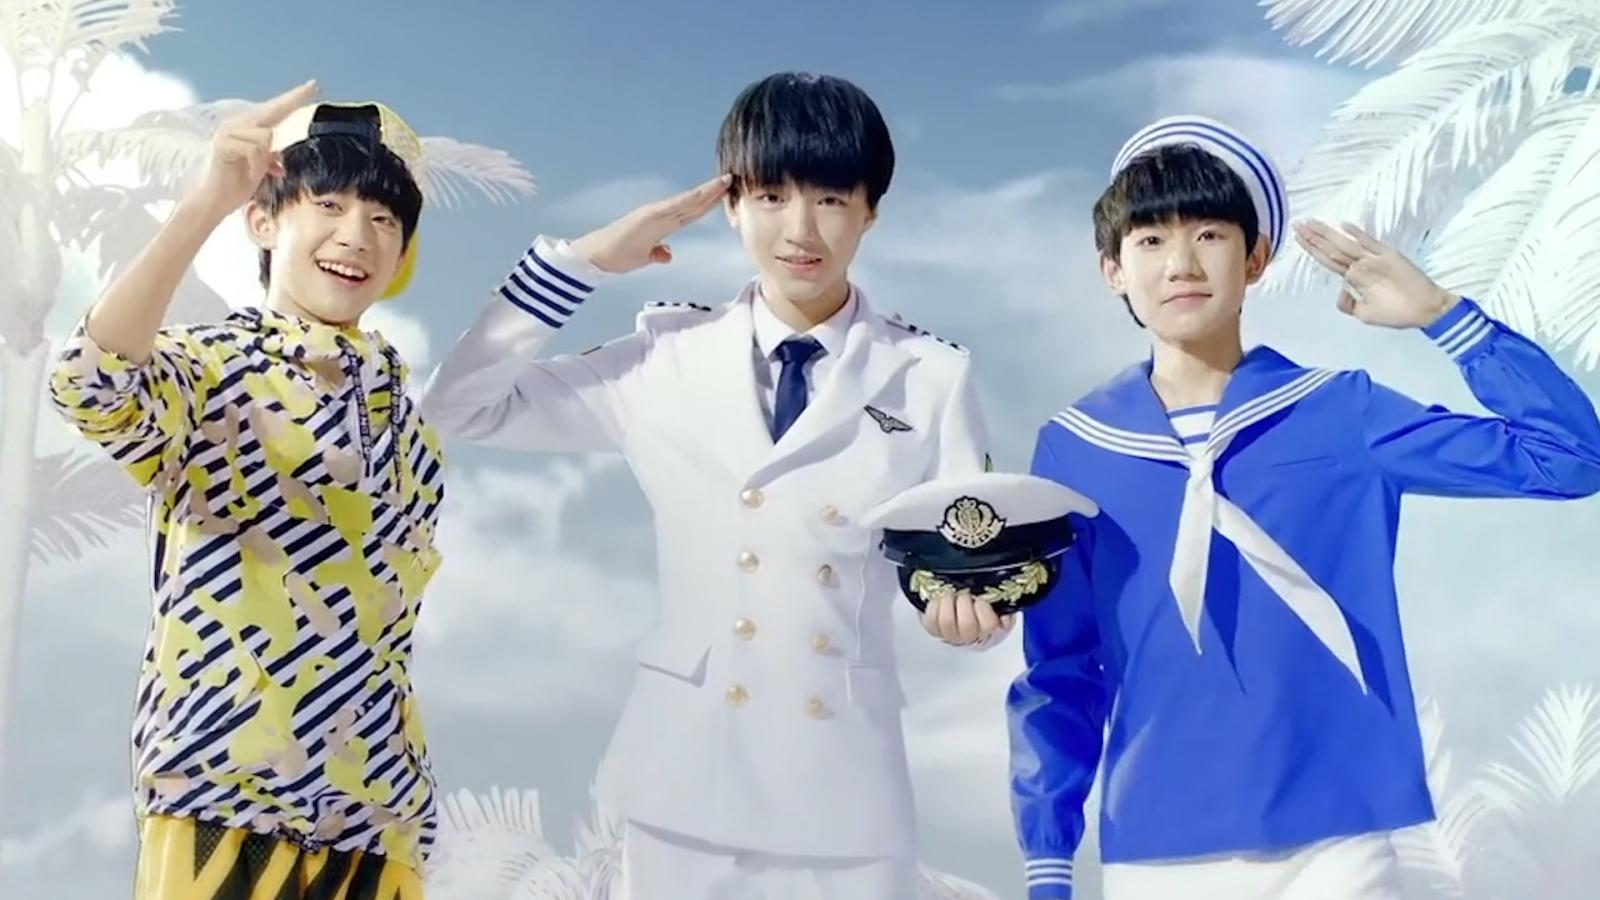 Busty japanese teen gal in school tam uniform suffering